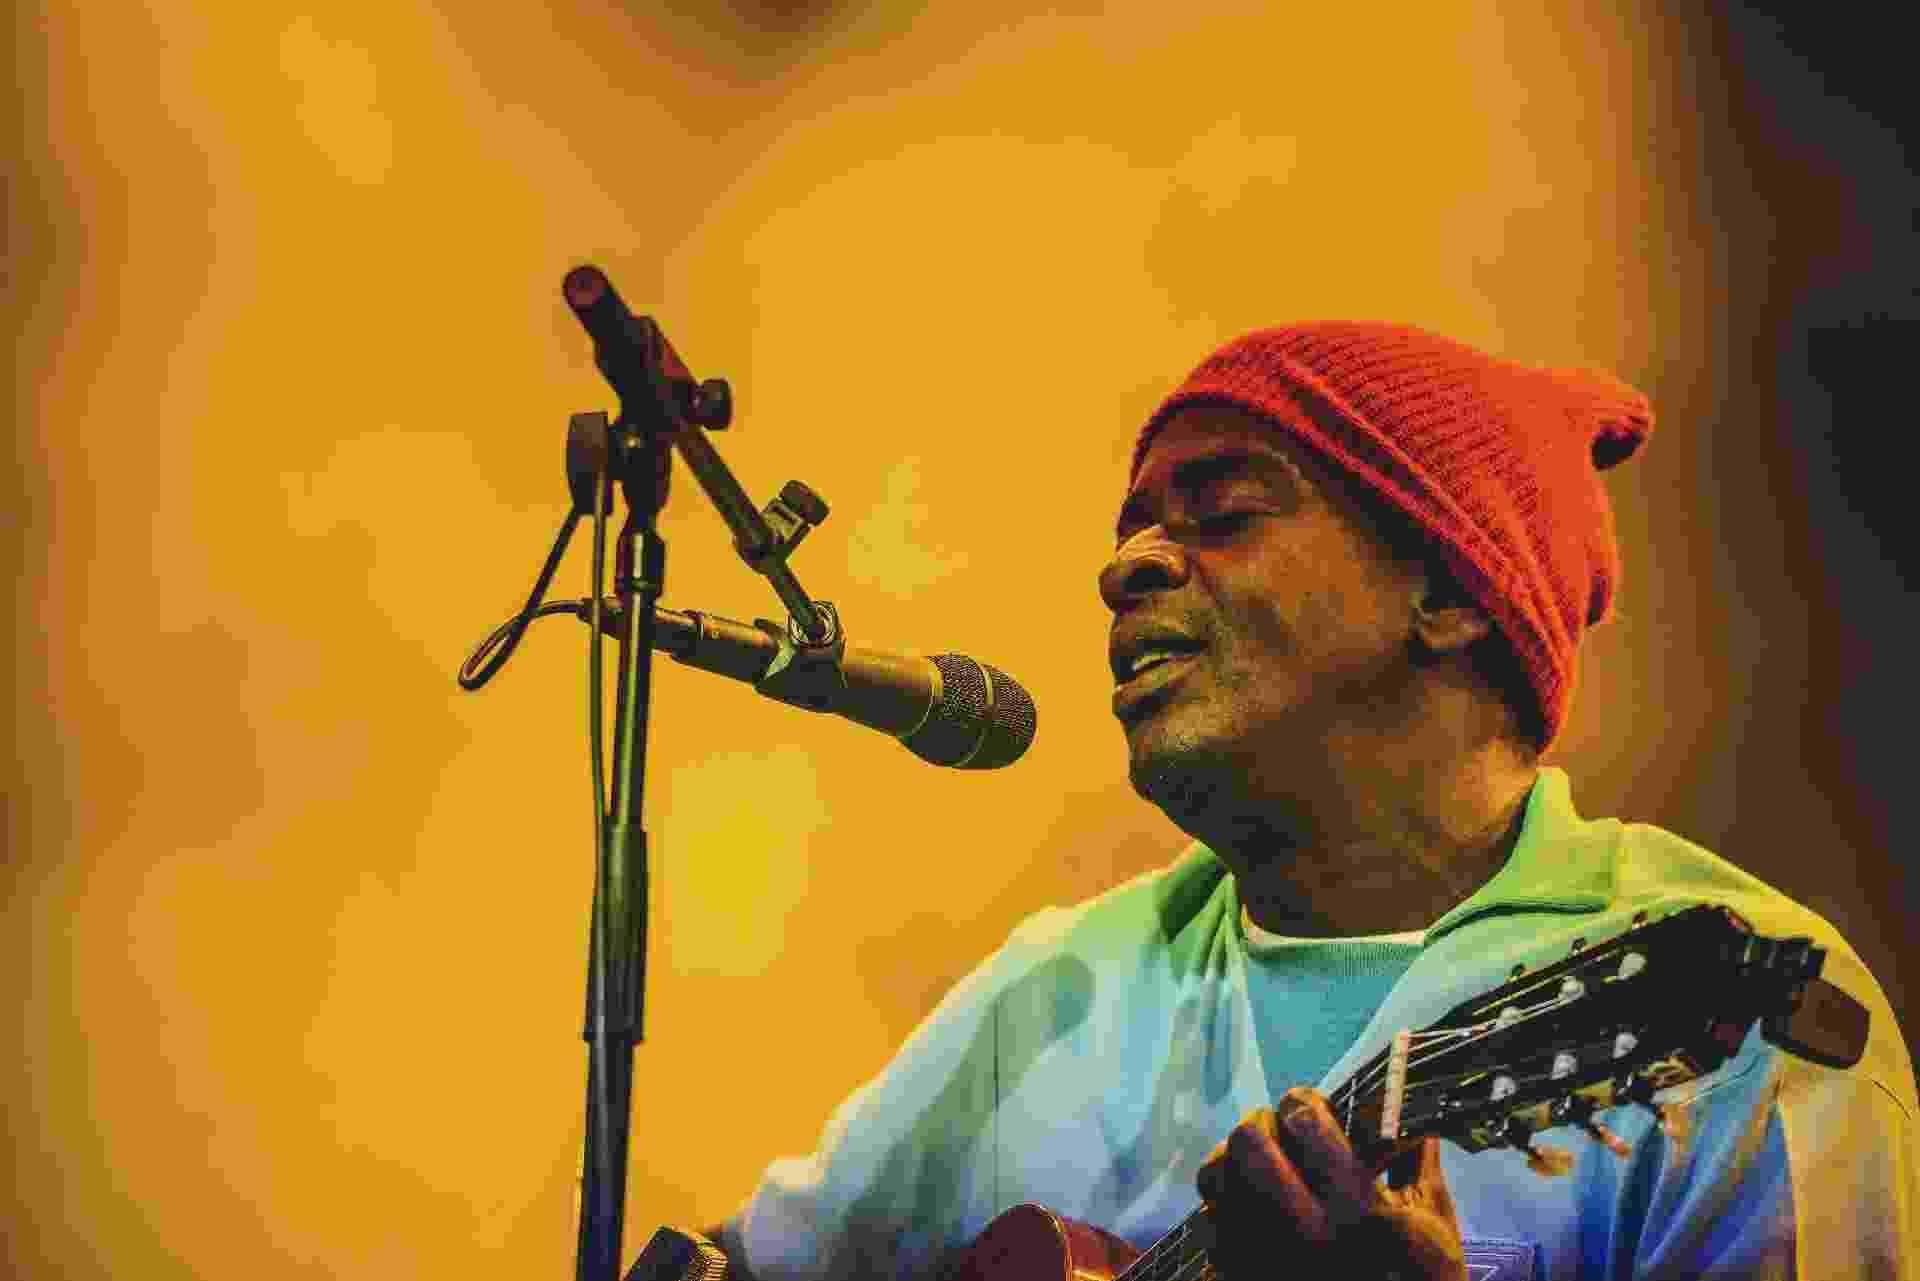 O cantor brasileiro Seu Jorge fez show no Primavera Sound cantando em português versões das músicas de David Bowie - Divulgação/Red Bull Content Pool